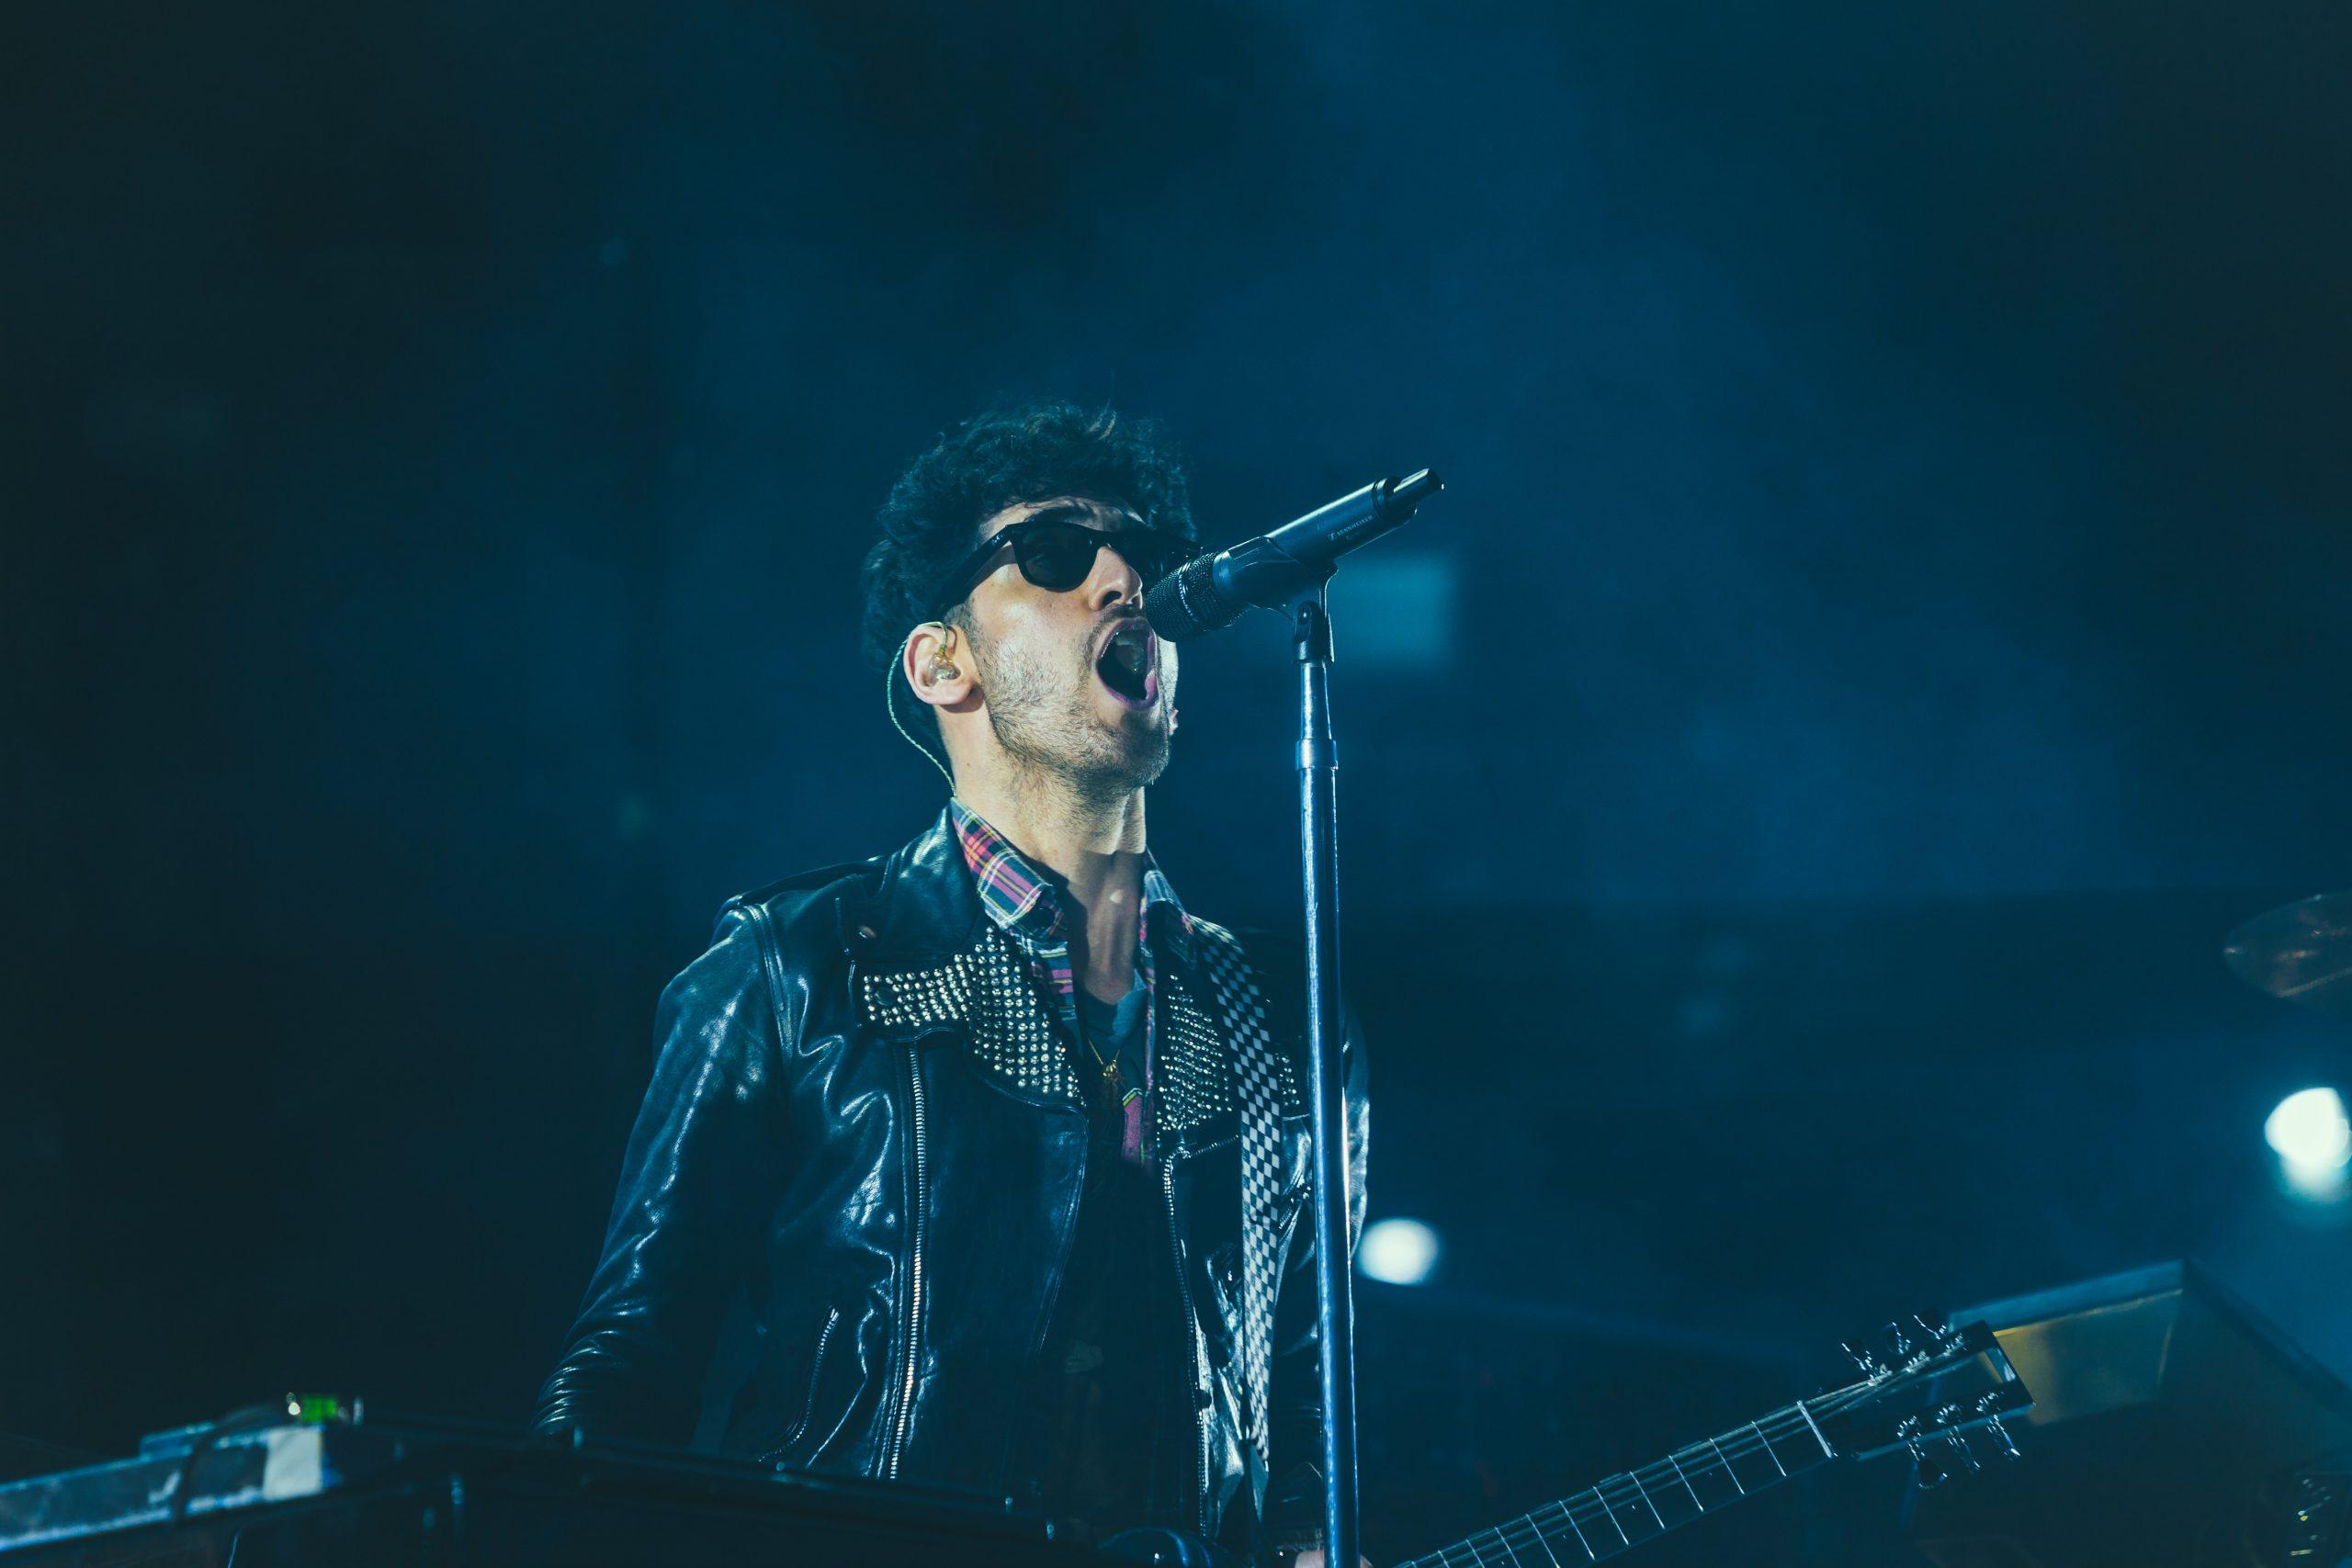 Concert Singer